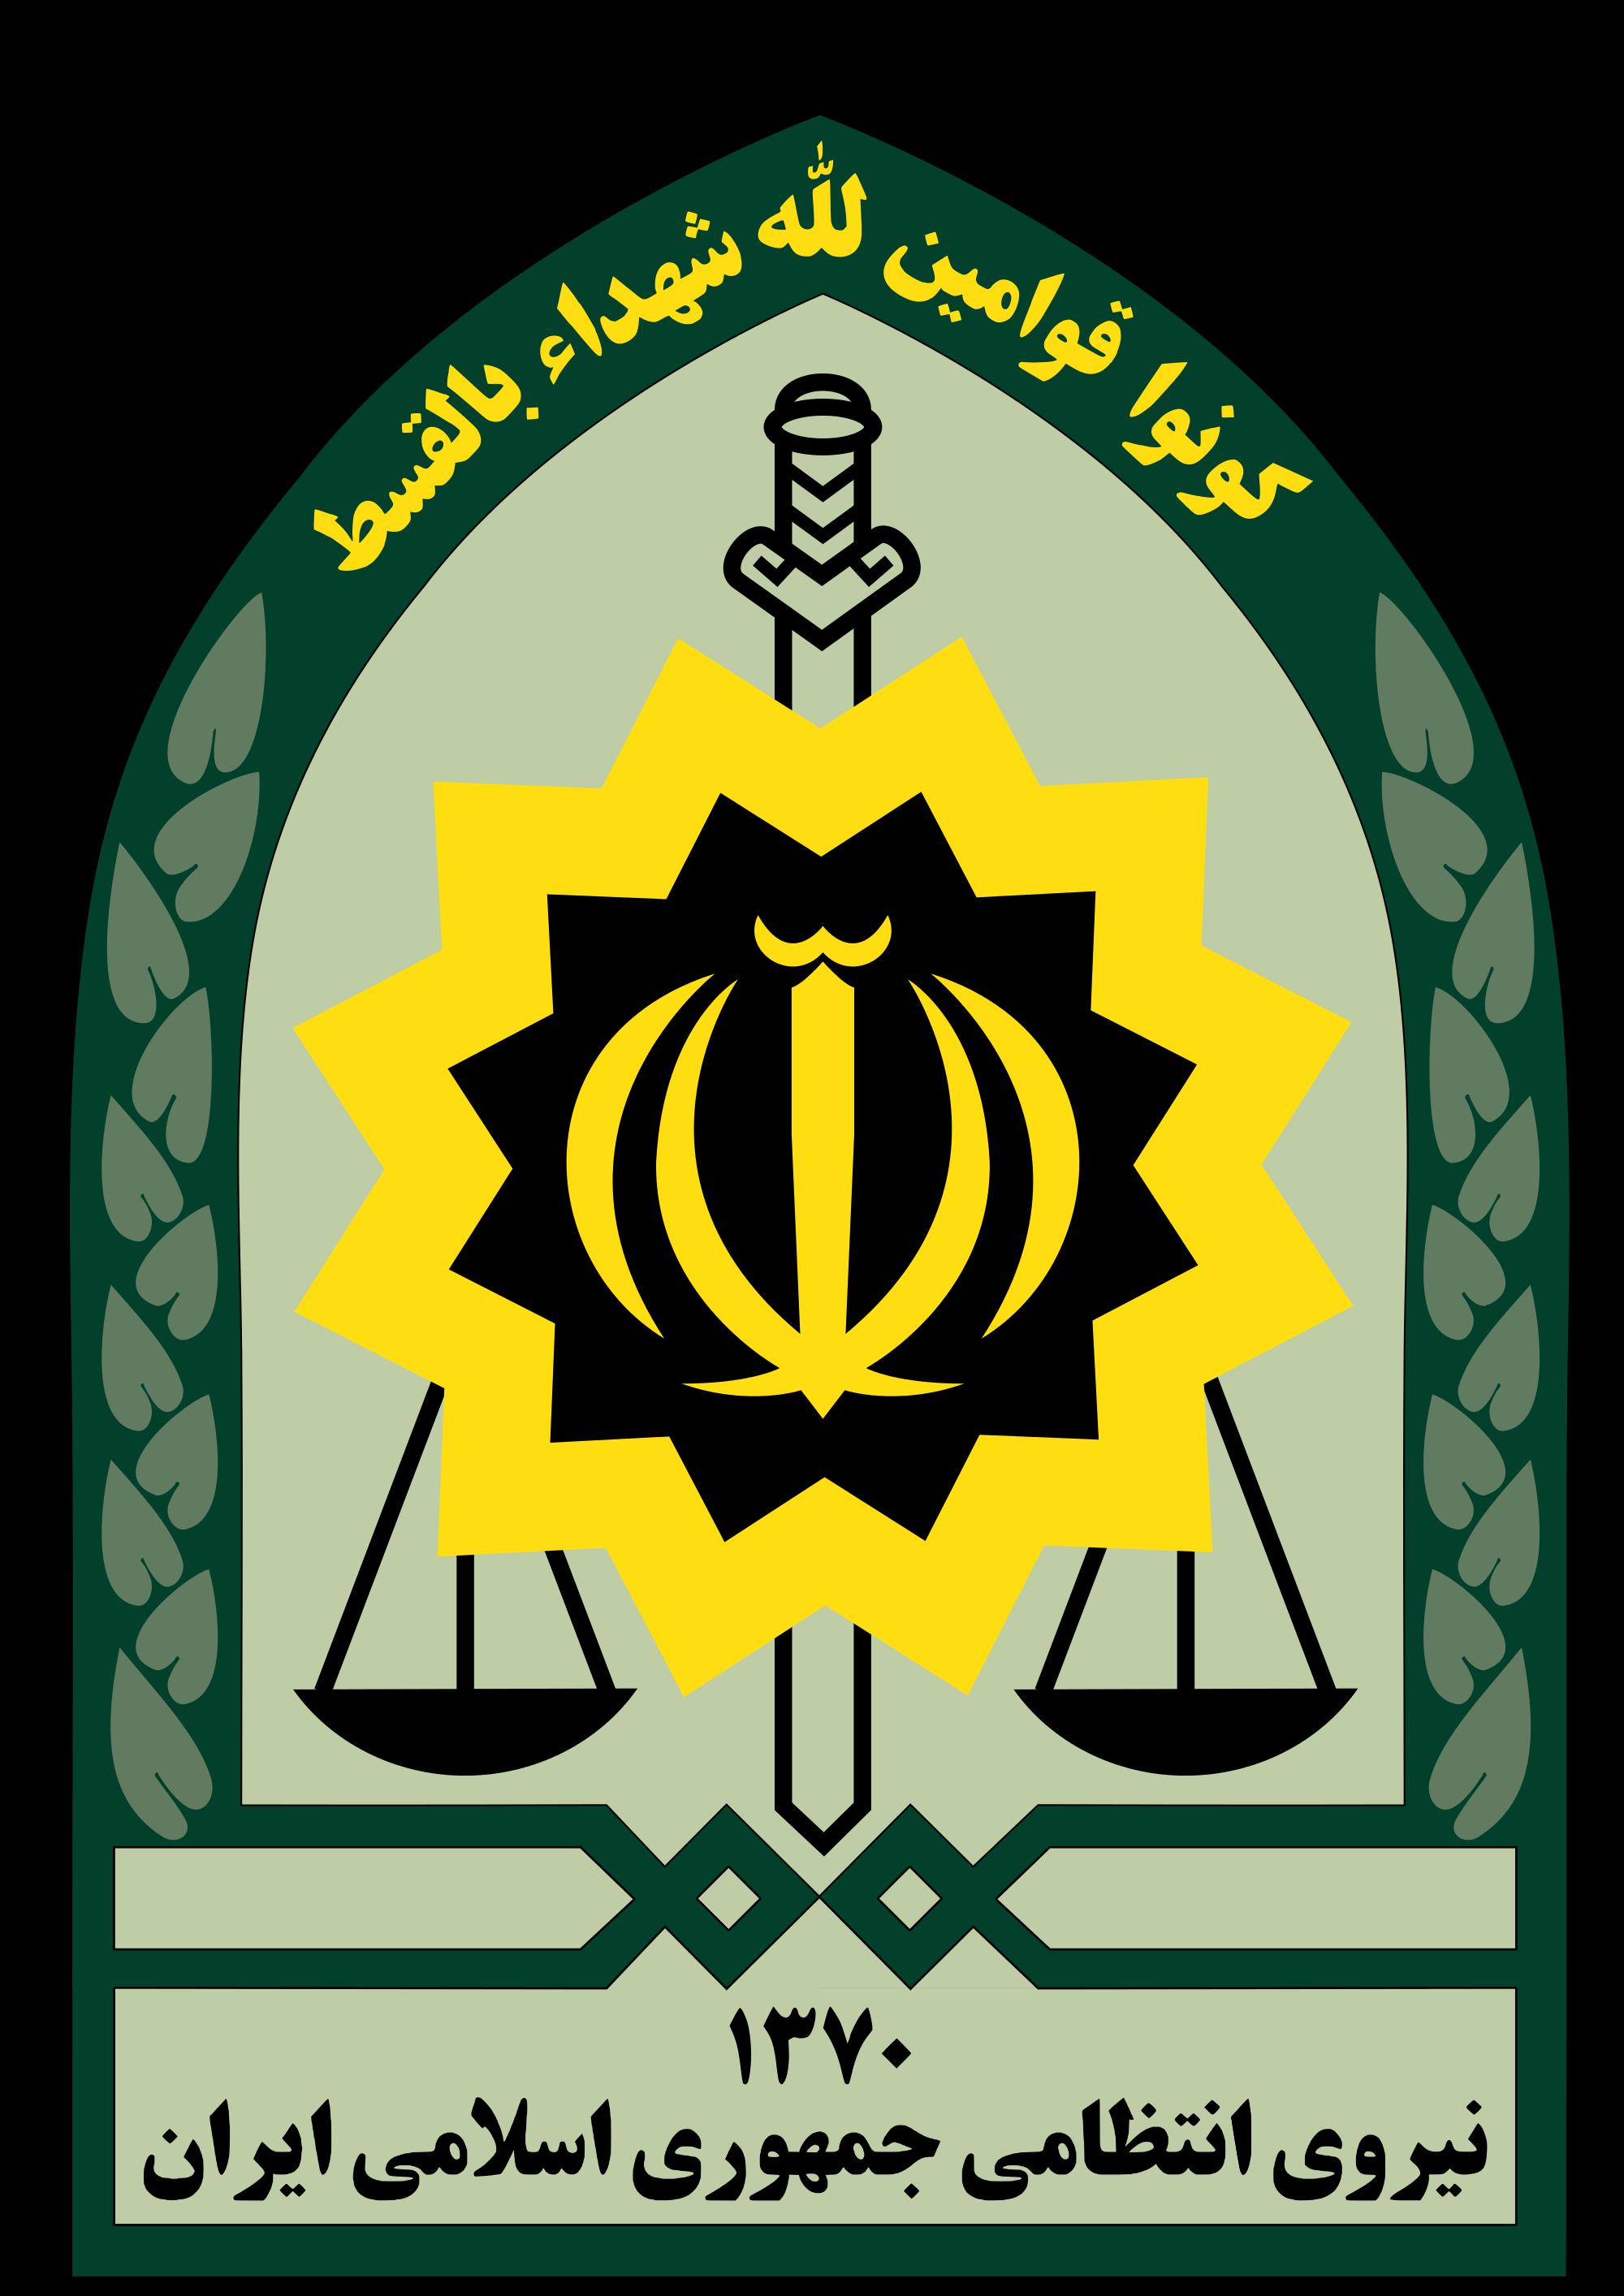 نیروی انتظامی مشهد